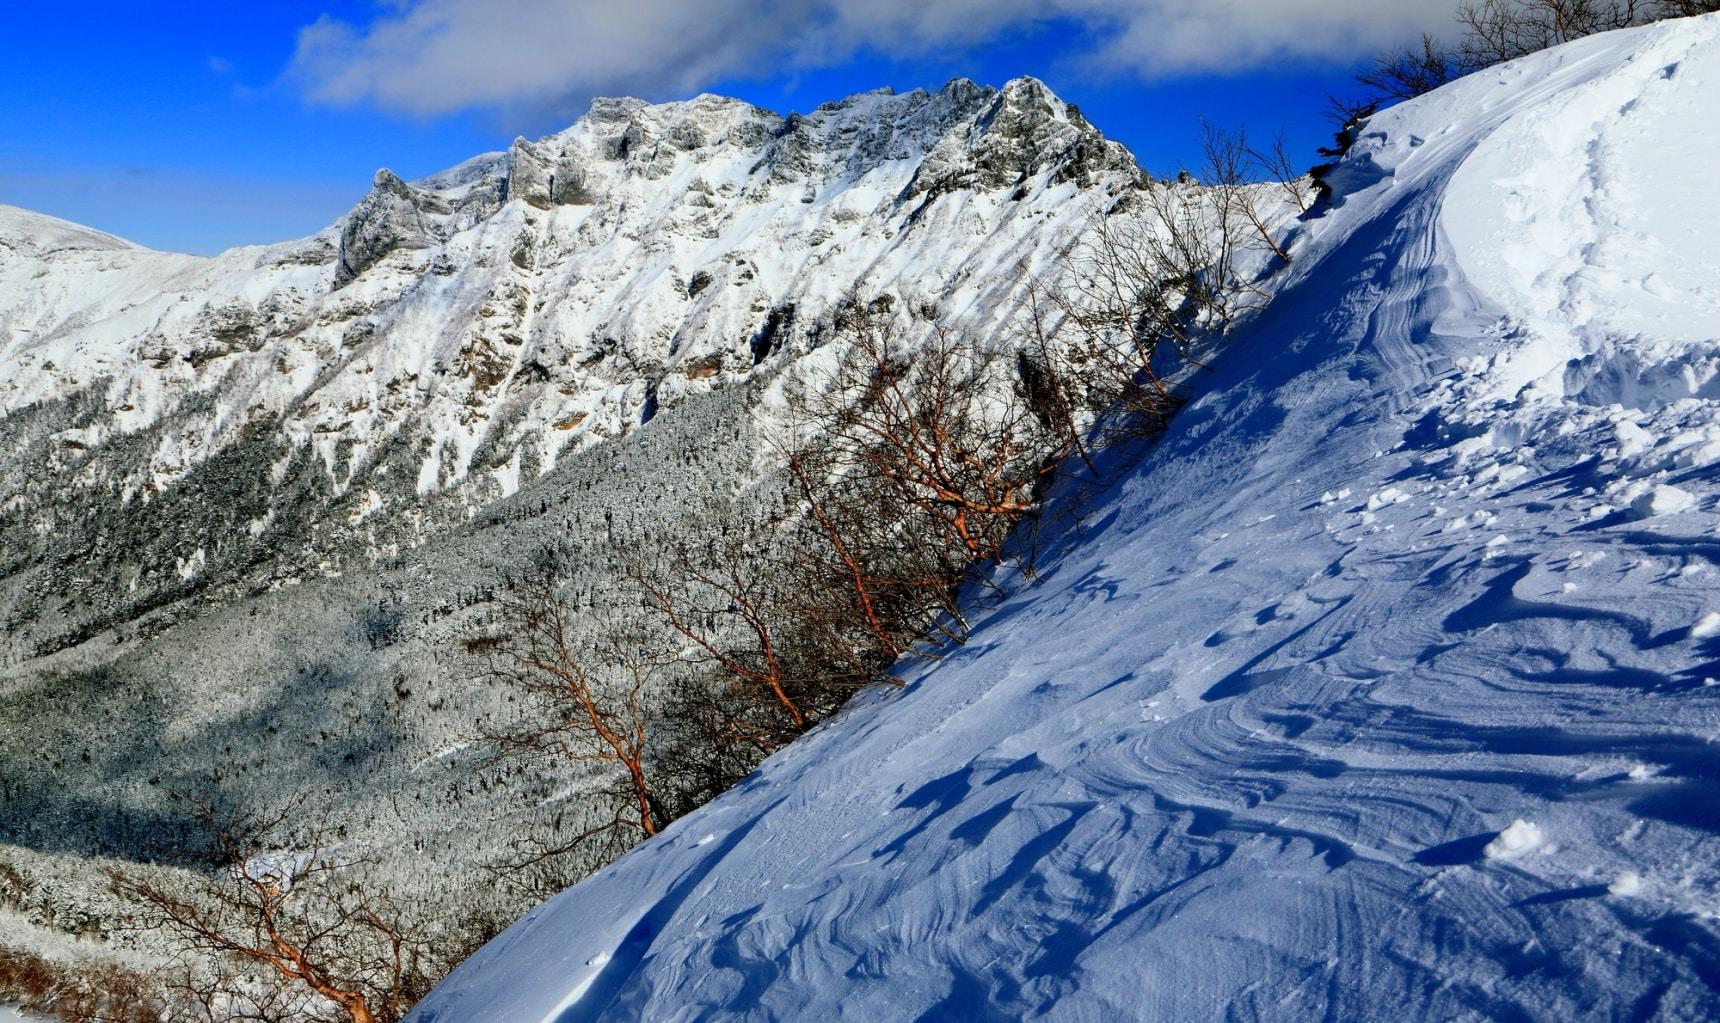 8 วิวญี่ปุ่นสุดงดงามที่ฉาบไปด้วยหิมะ